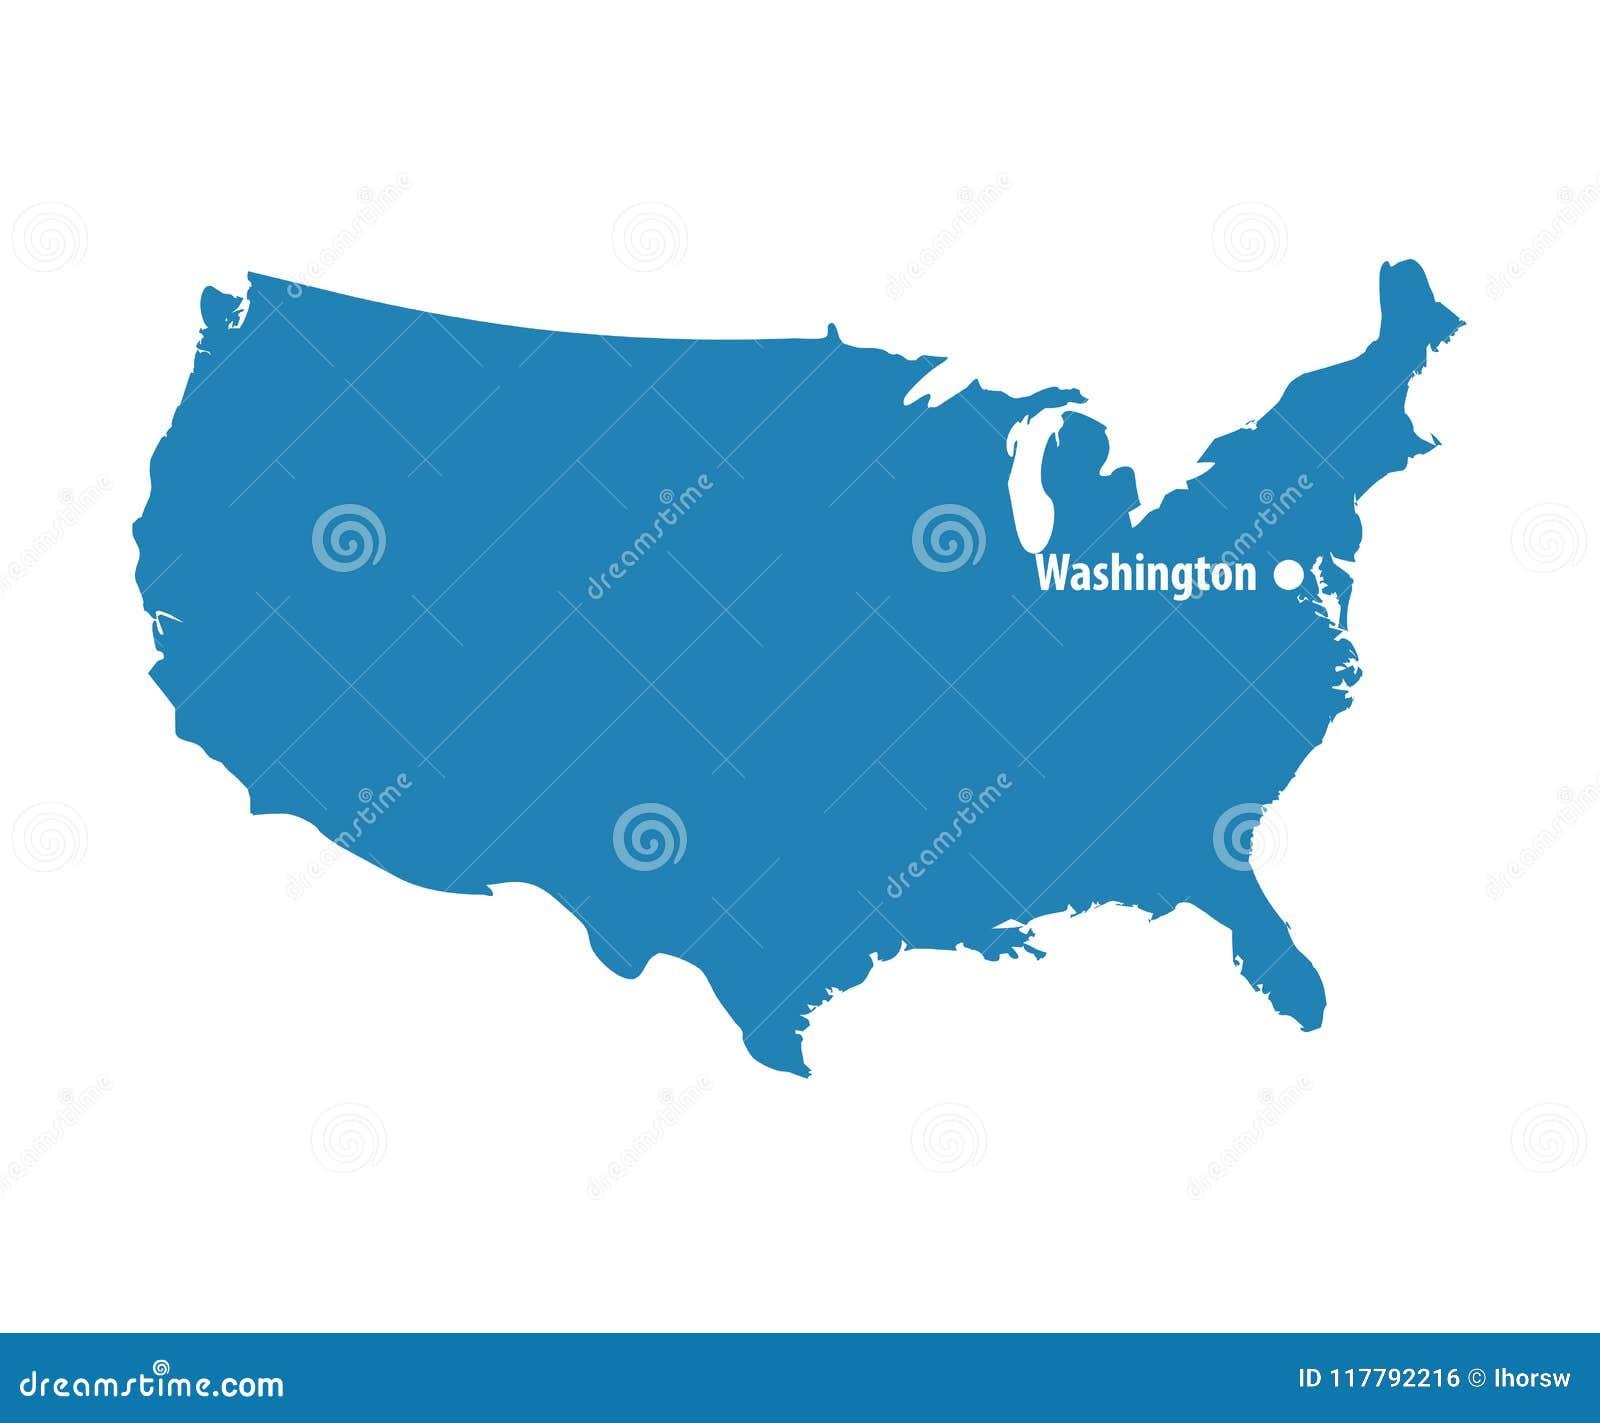 United States Map Dc.Blank Blue Similar Usa Map With Dc Washington Isolated On White